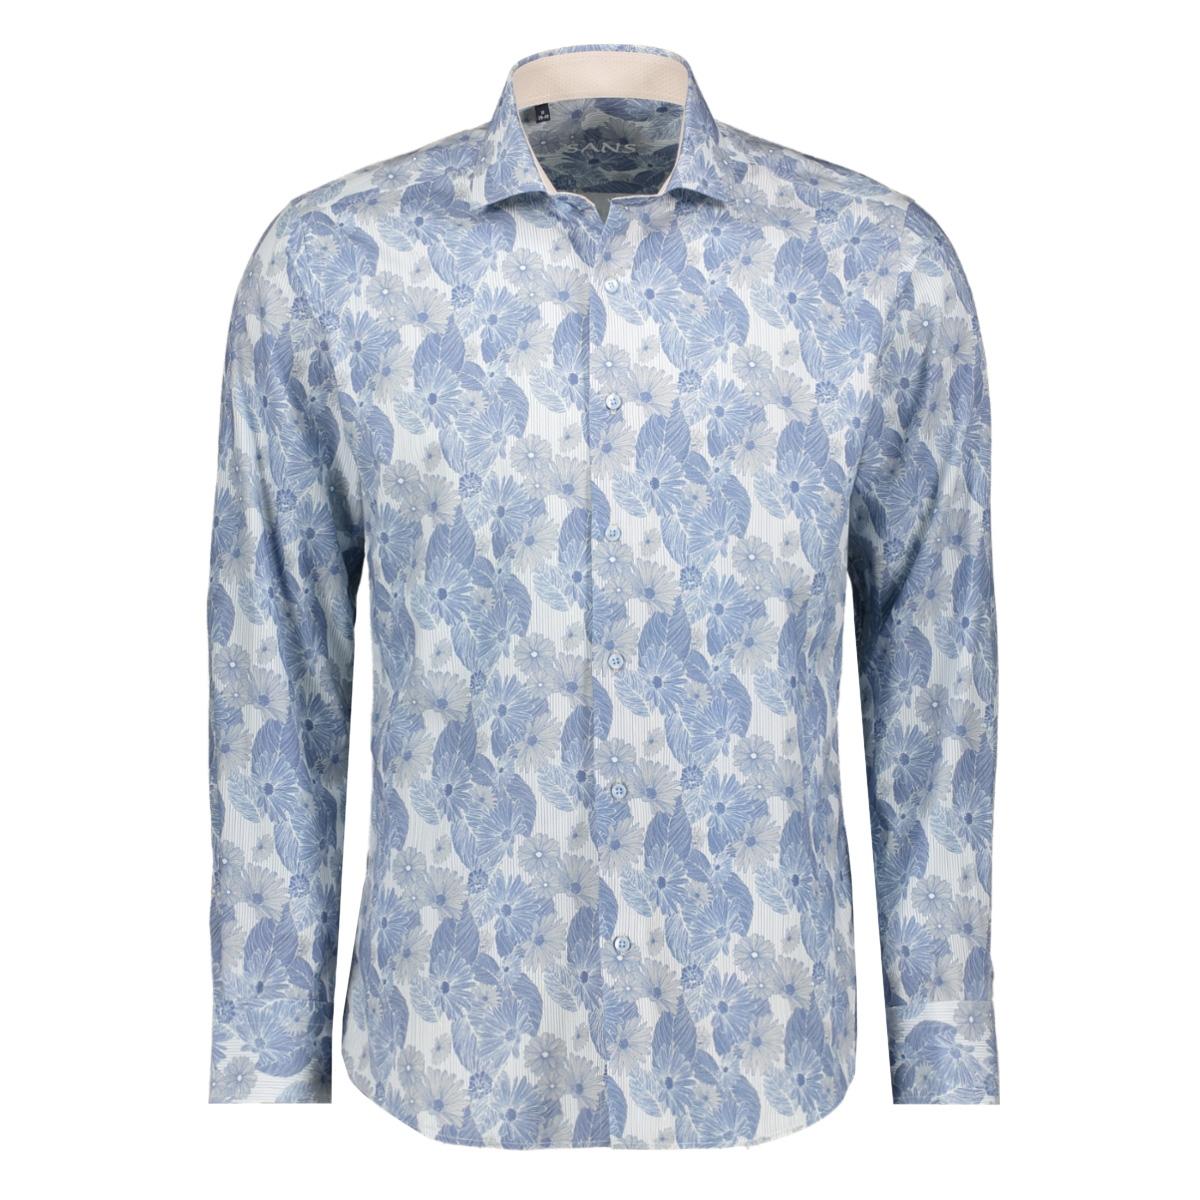 5024 2462 carter & davis overhemd 209